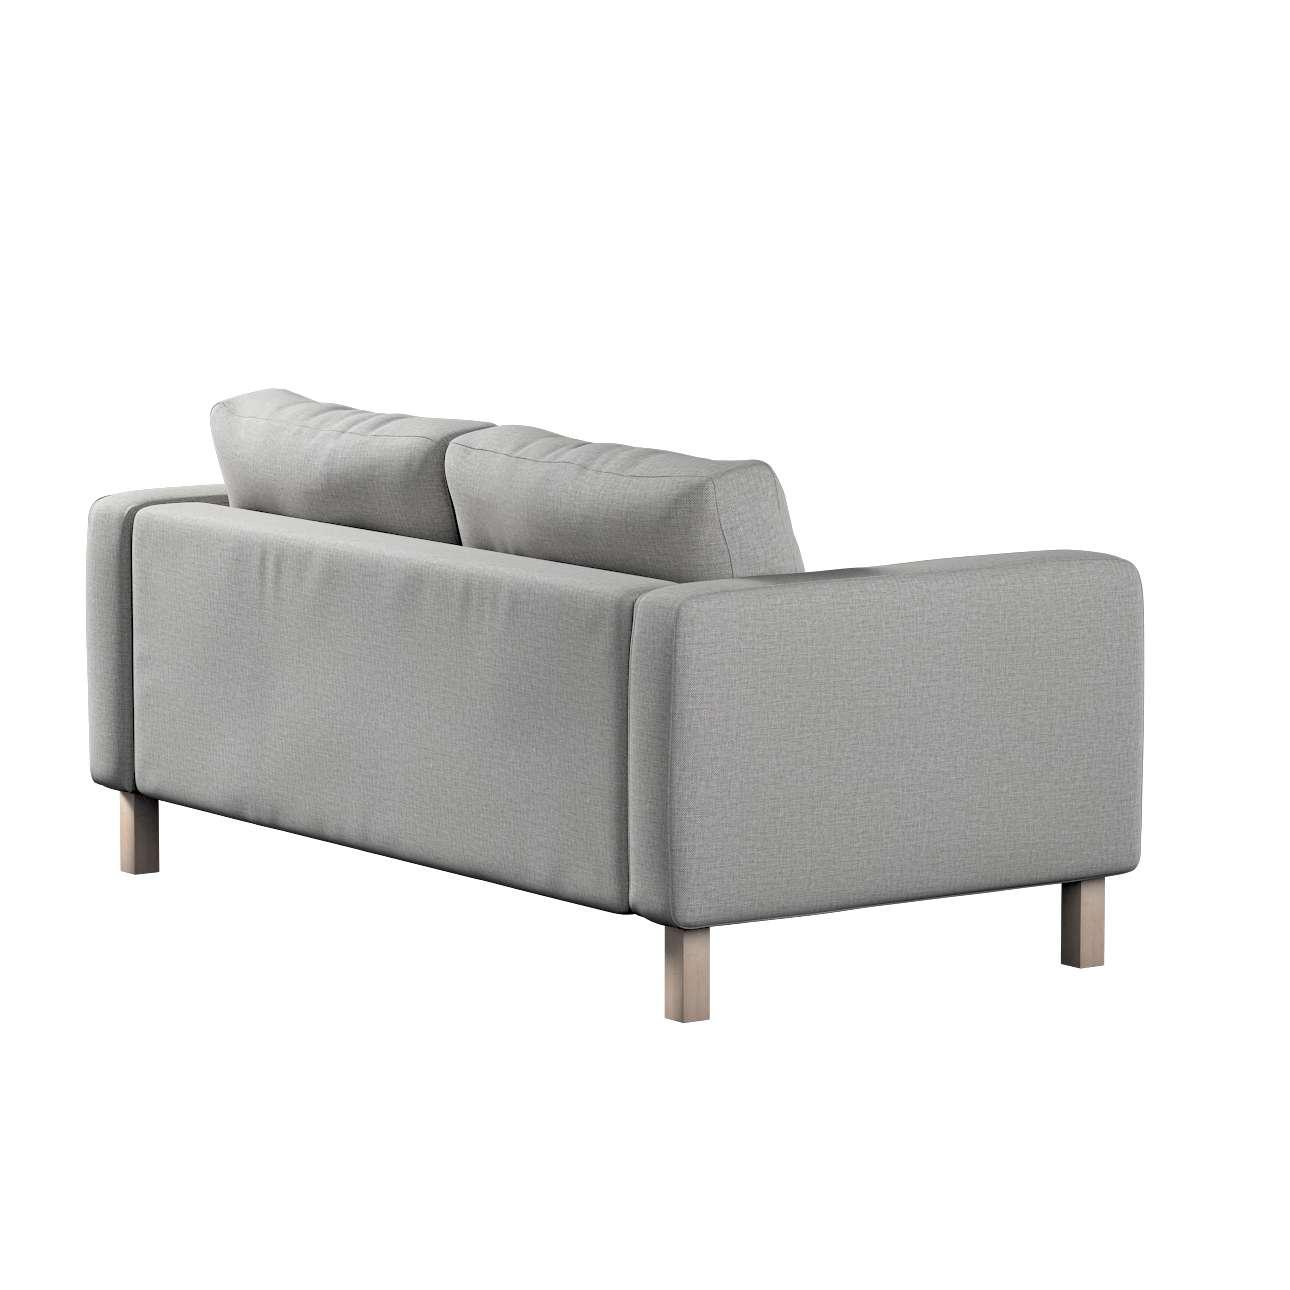 Potah na pohovku IKEA  Karlstad 2-místná, nerozkládací, krátký v kolekci Living II, látka: 160-89